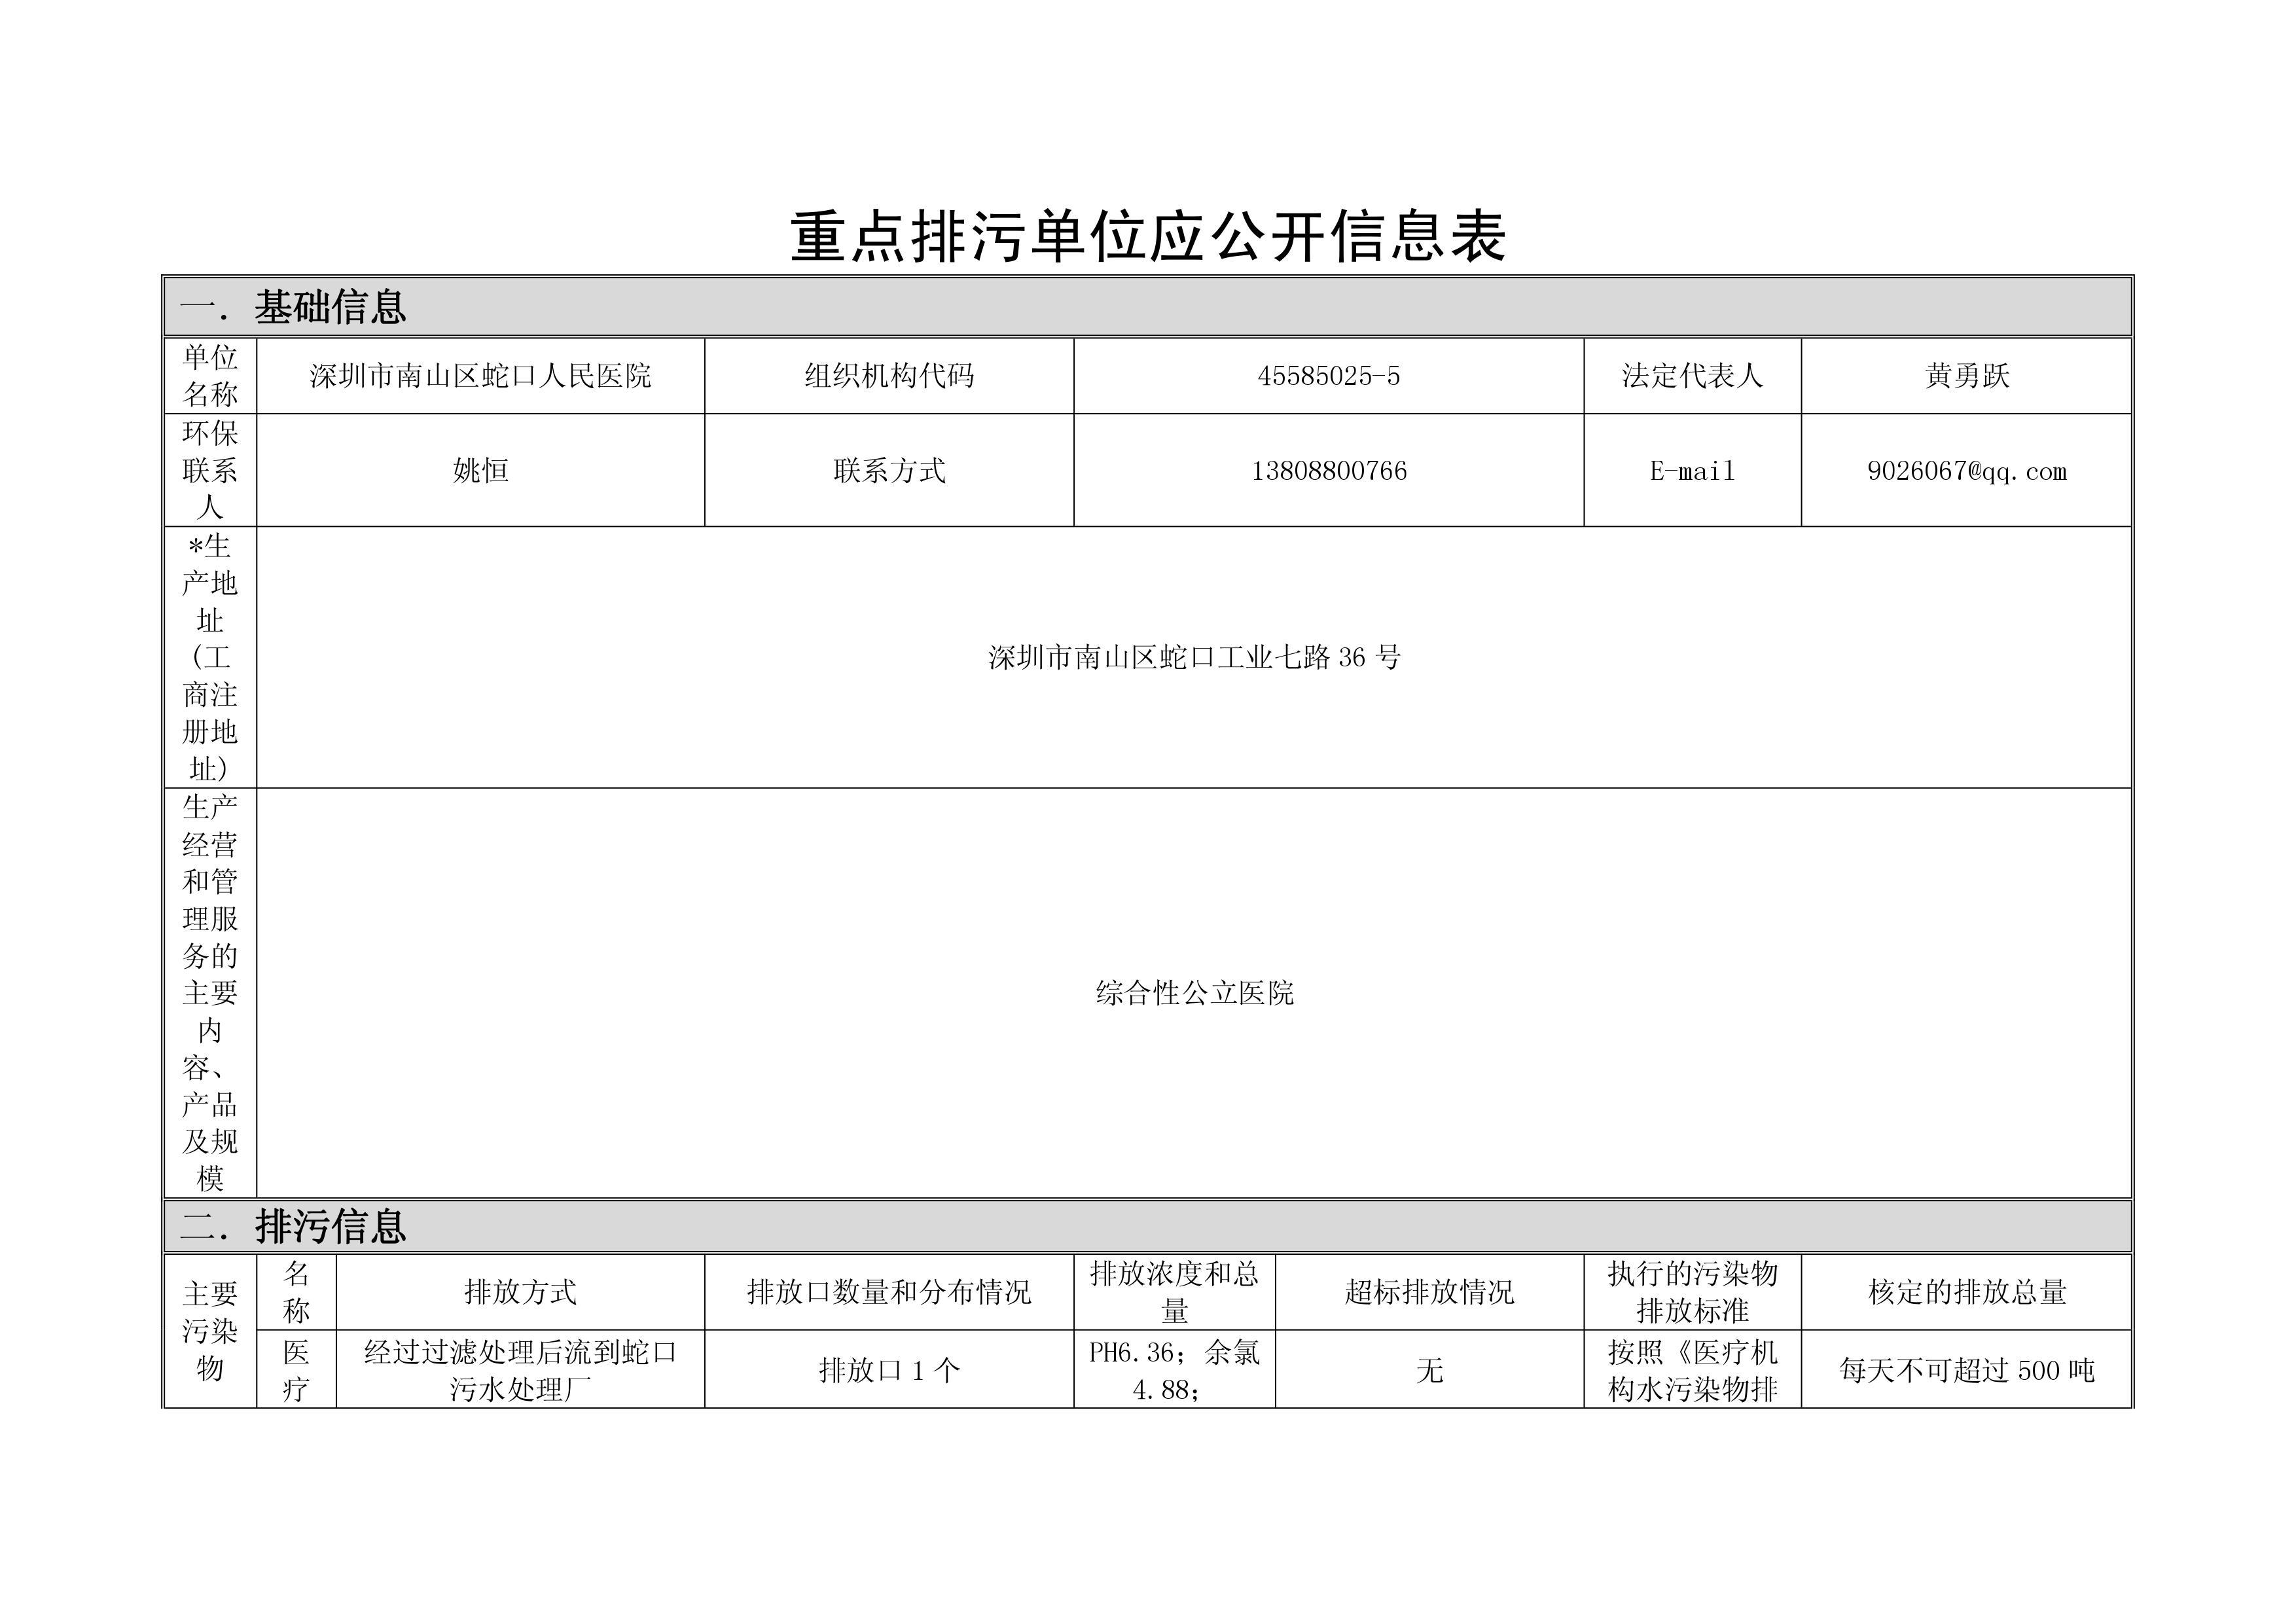 蛇口人民医院环境信息公开2017-深圳市蛇口人民医院